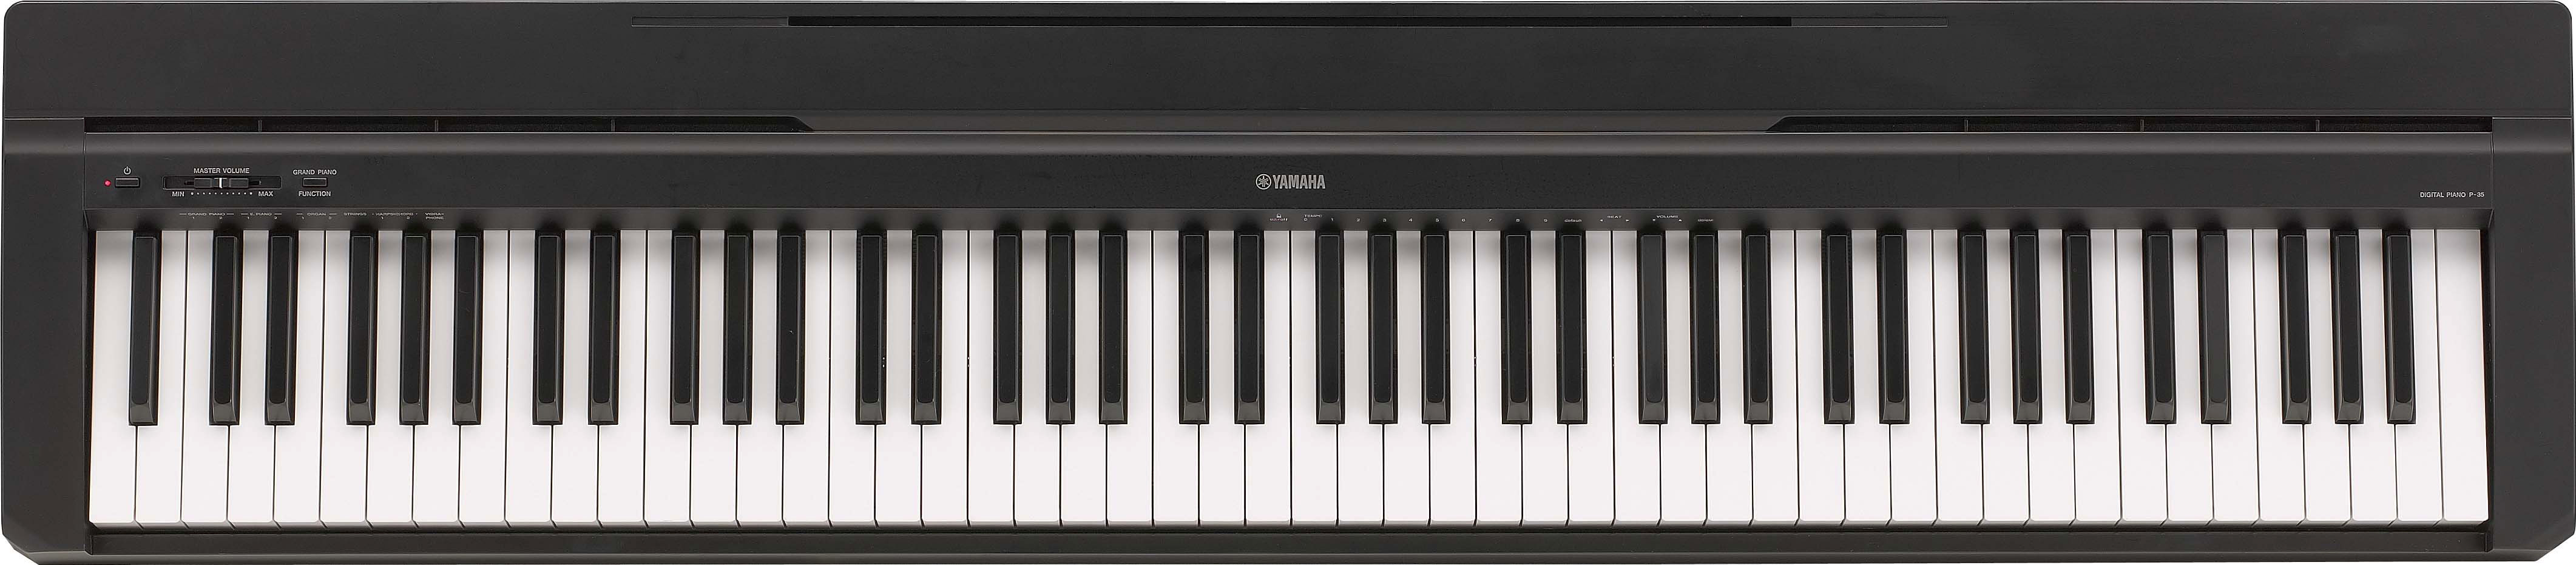 כולם חדשים פסנתר חשמלי נייד 88 קלידים YAMAHA P-45 | דוקטור כלי נגינה NM-79